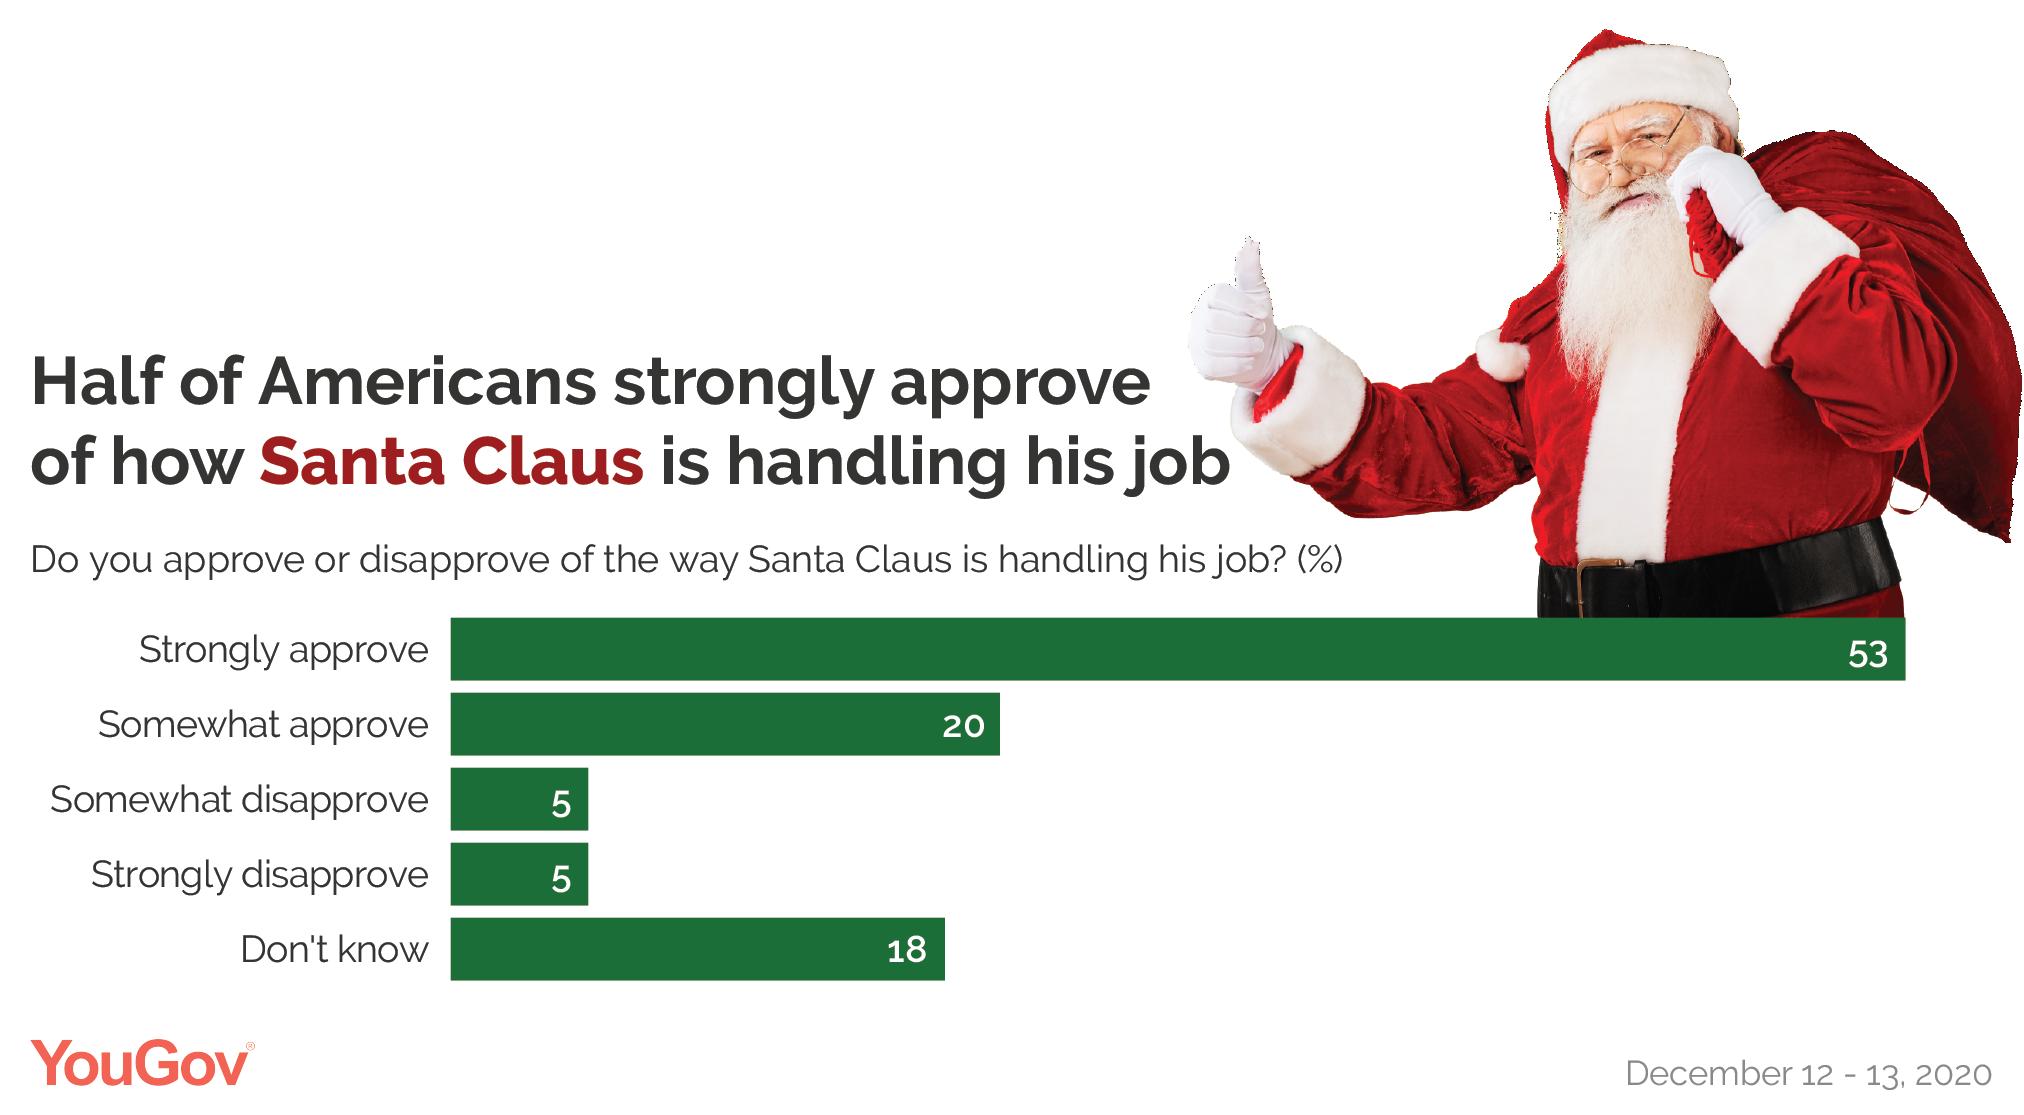 Santa Claus' job approval rating